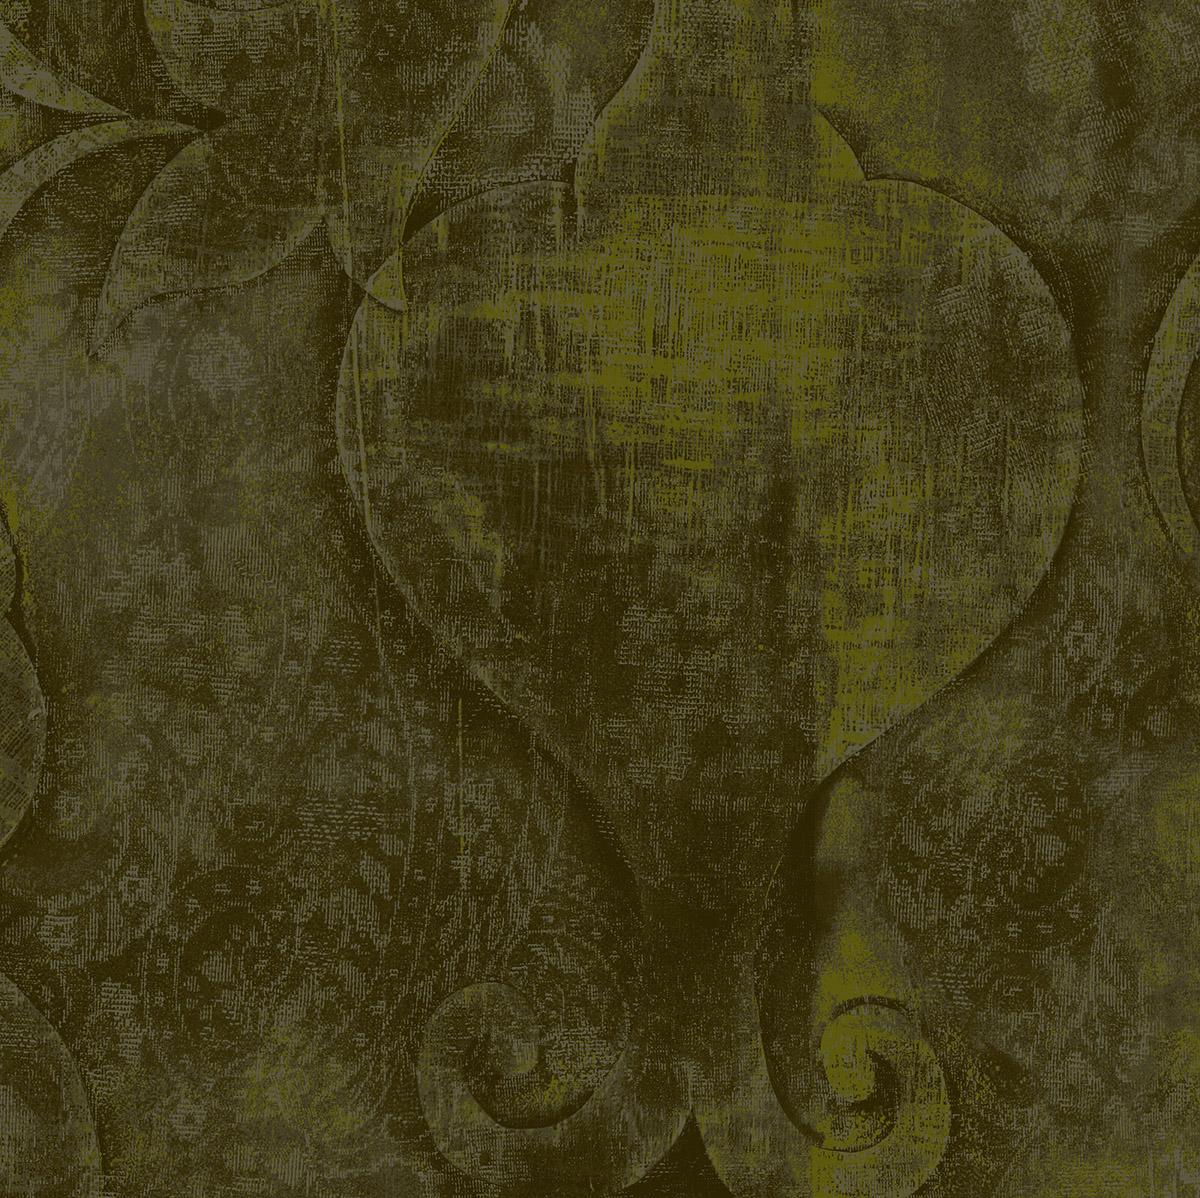 3417-006 Midnight Garden - Embossed - Khaki Fabric   Cotton+Steel ...